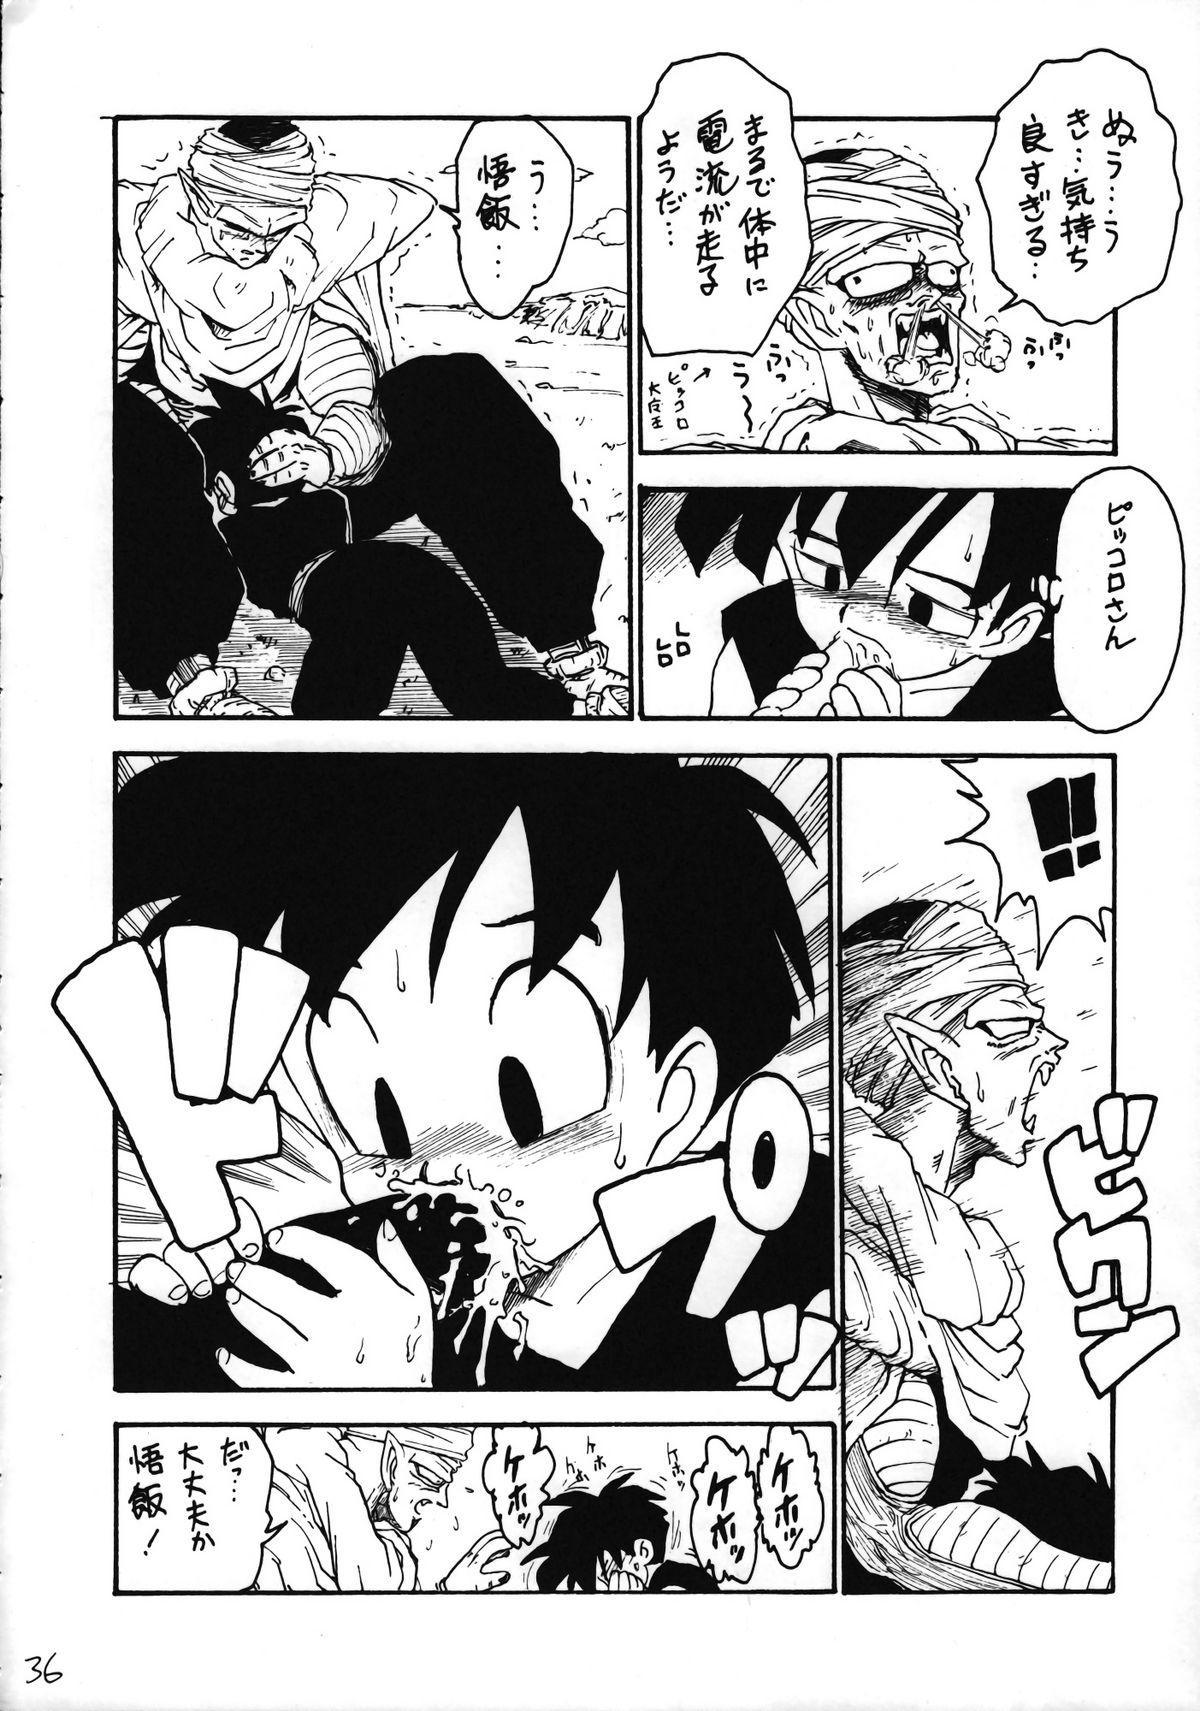 Ikenai! Otokonoko Hon Boy's H Book 2 36